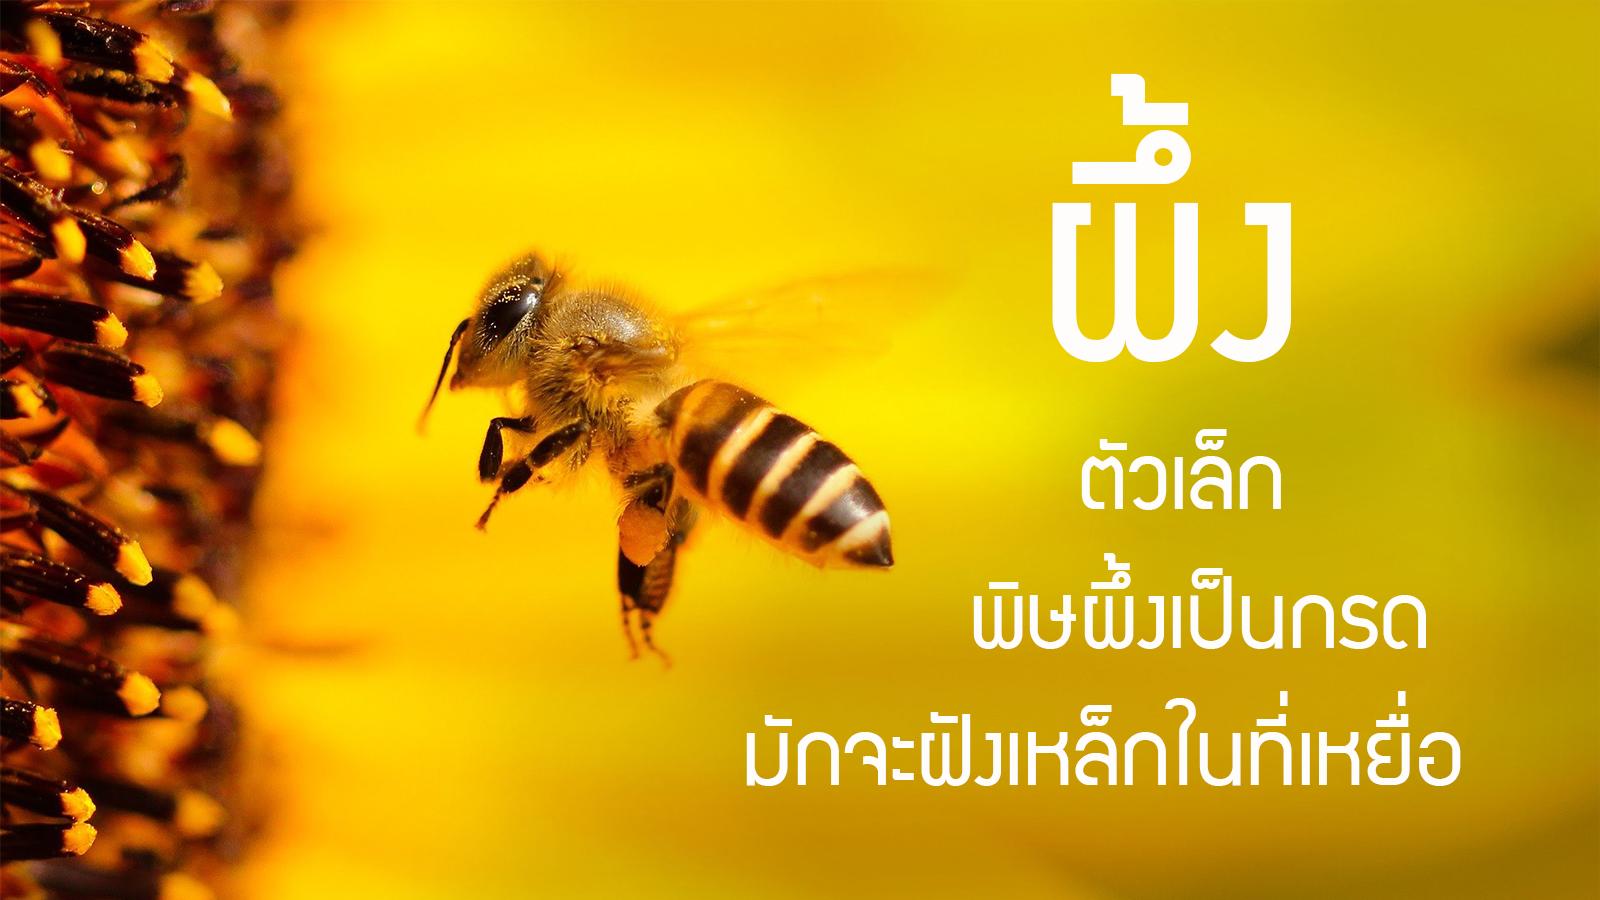 ผึ้ง ลักษณะผึ้ง bee